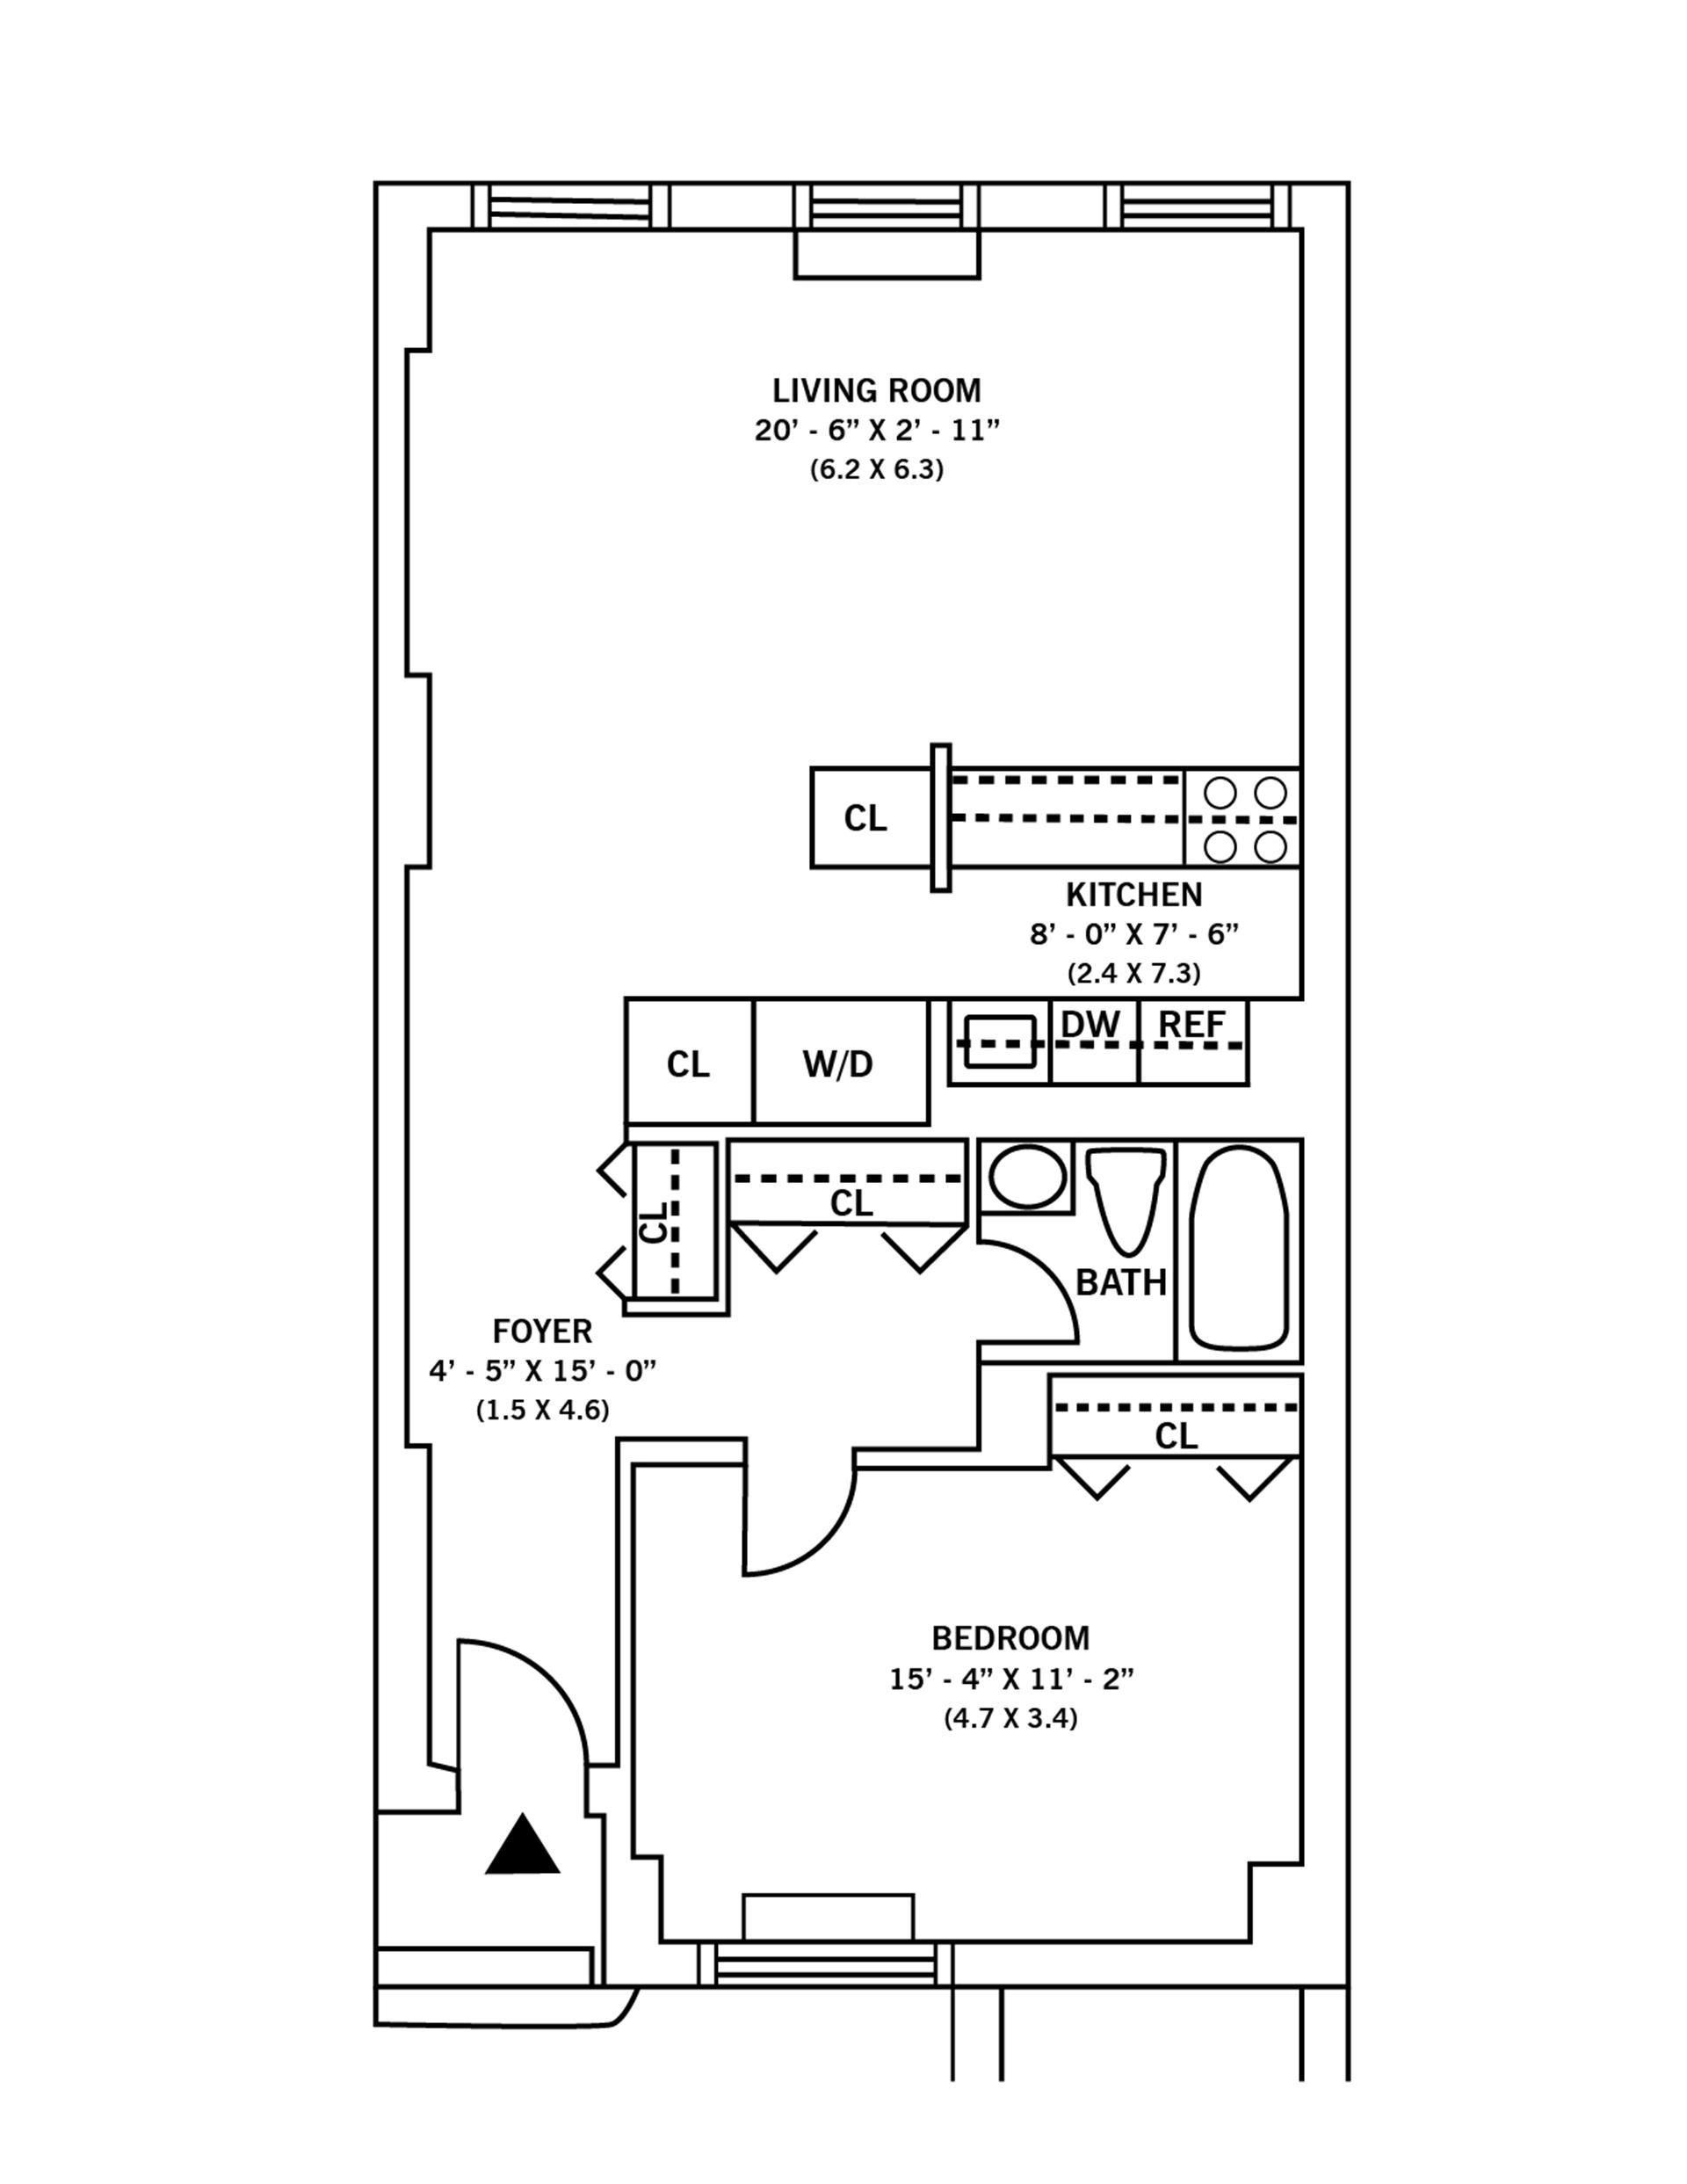 Floor plan of HUDSON TOWER, 350 Albany St, 5R - Battery Park City, New York